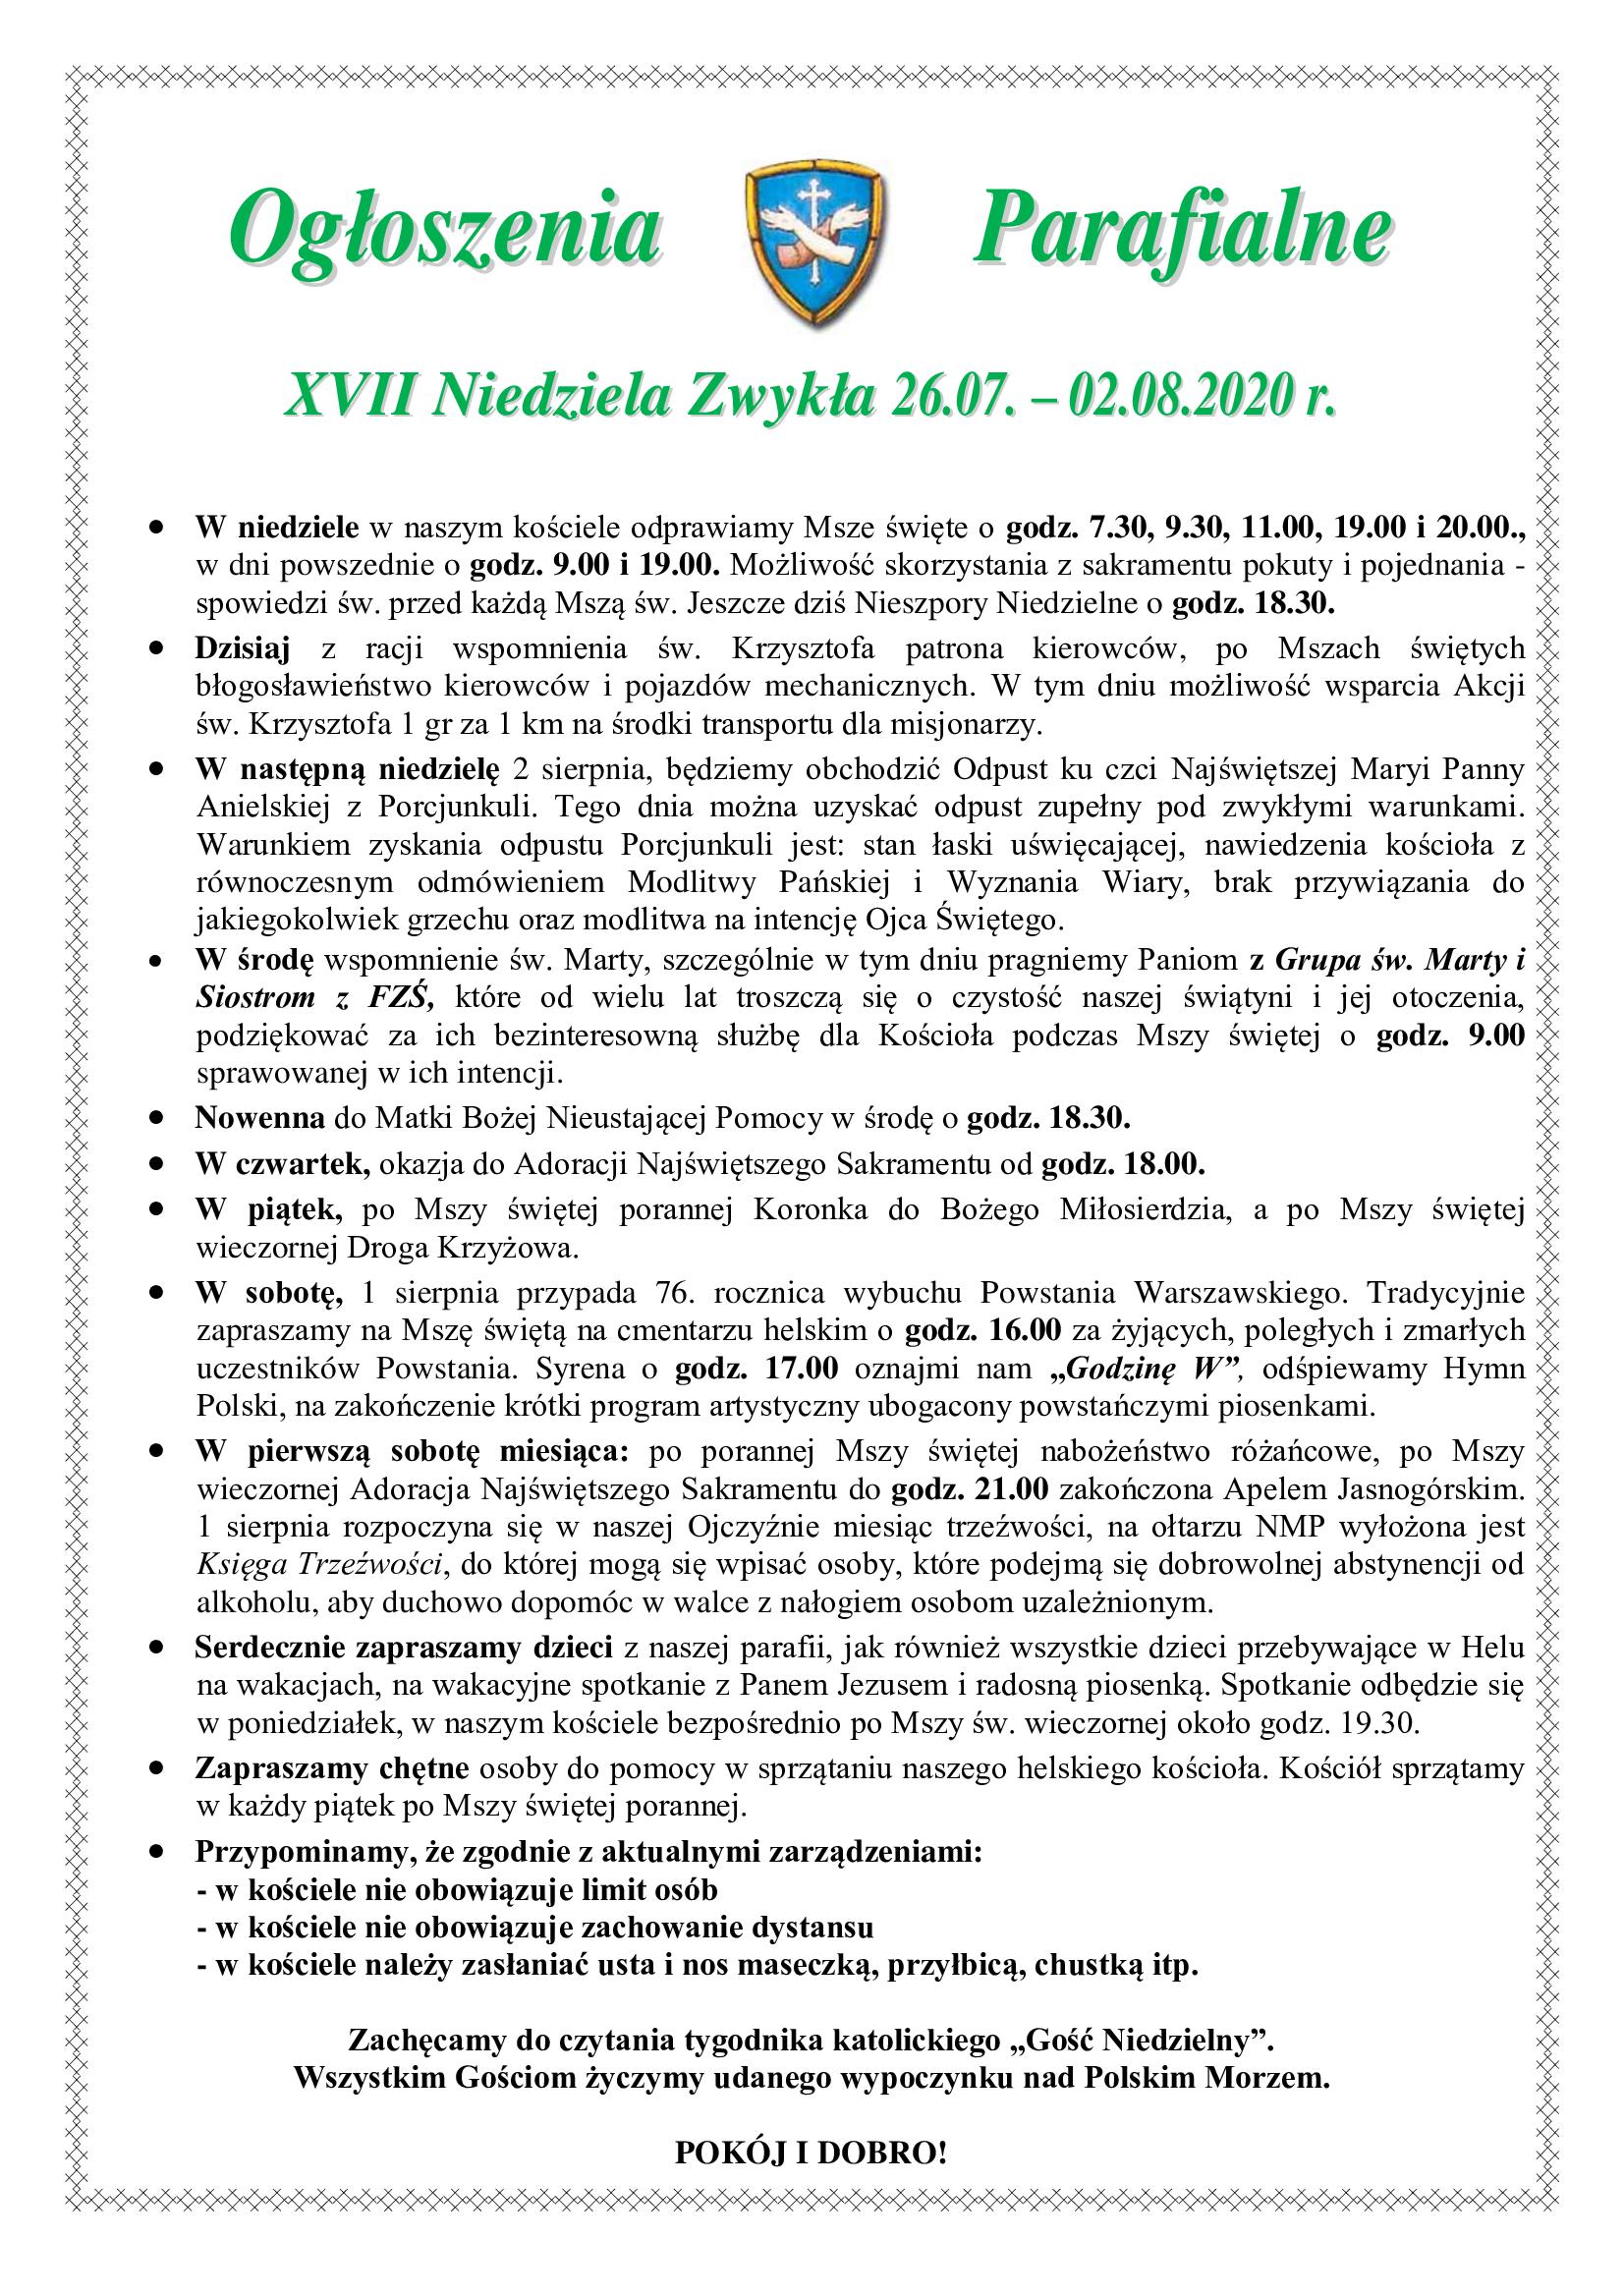 xvii-niedziela-zwykla-26-07-02-08-2020-r-_1